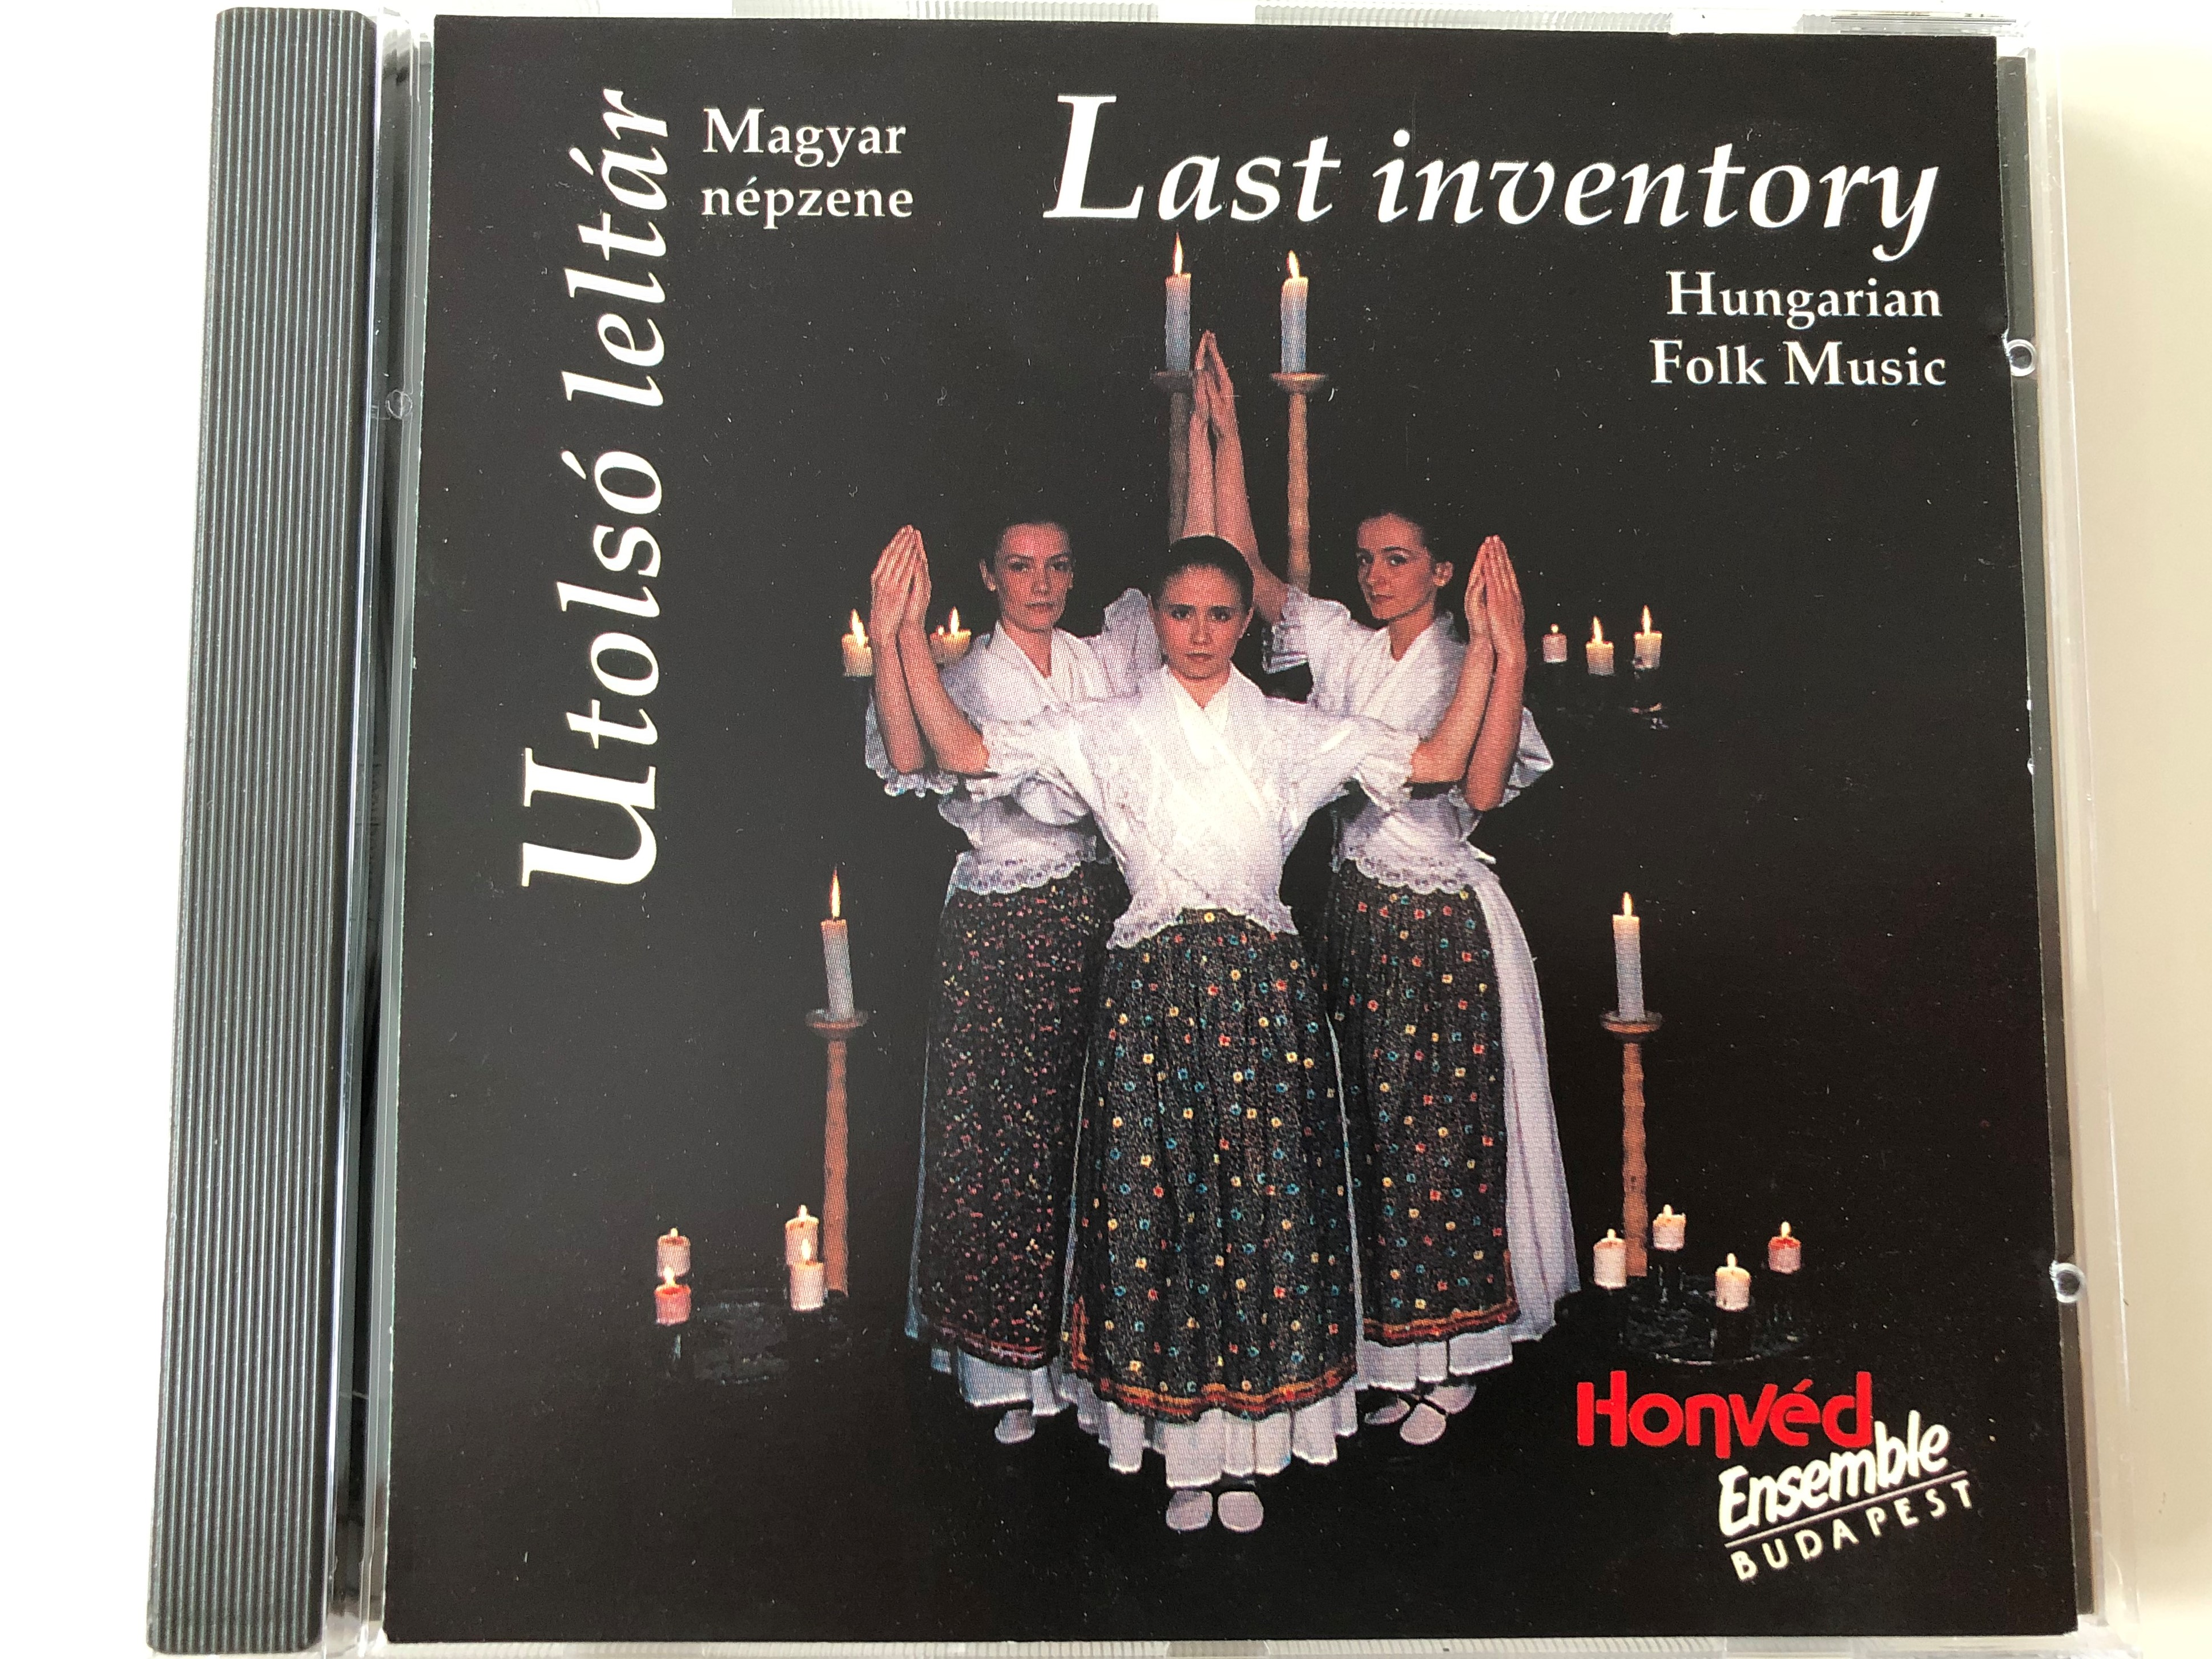 utols-lelt-r-magyar-nepzene-last-inventory-hungarian-folk-music-honv-d-ensemble-budapest-audio-cd-1995-stereo-yrcd-26545-1-.jpg